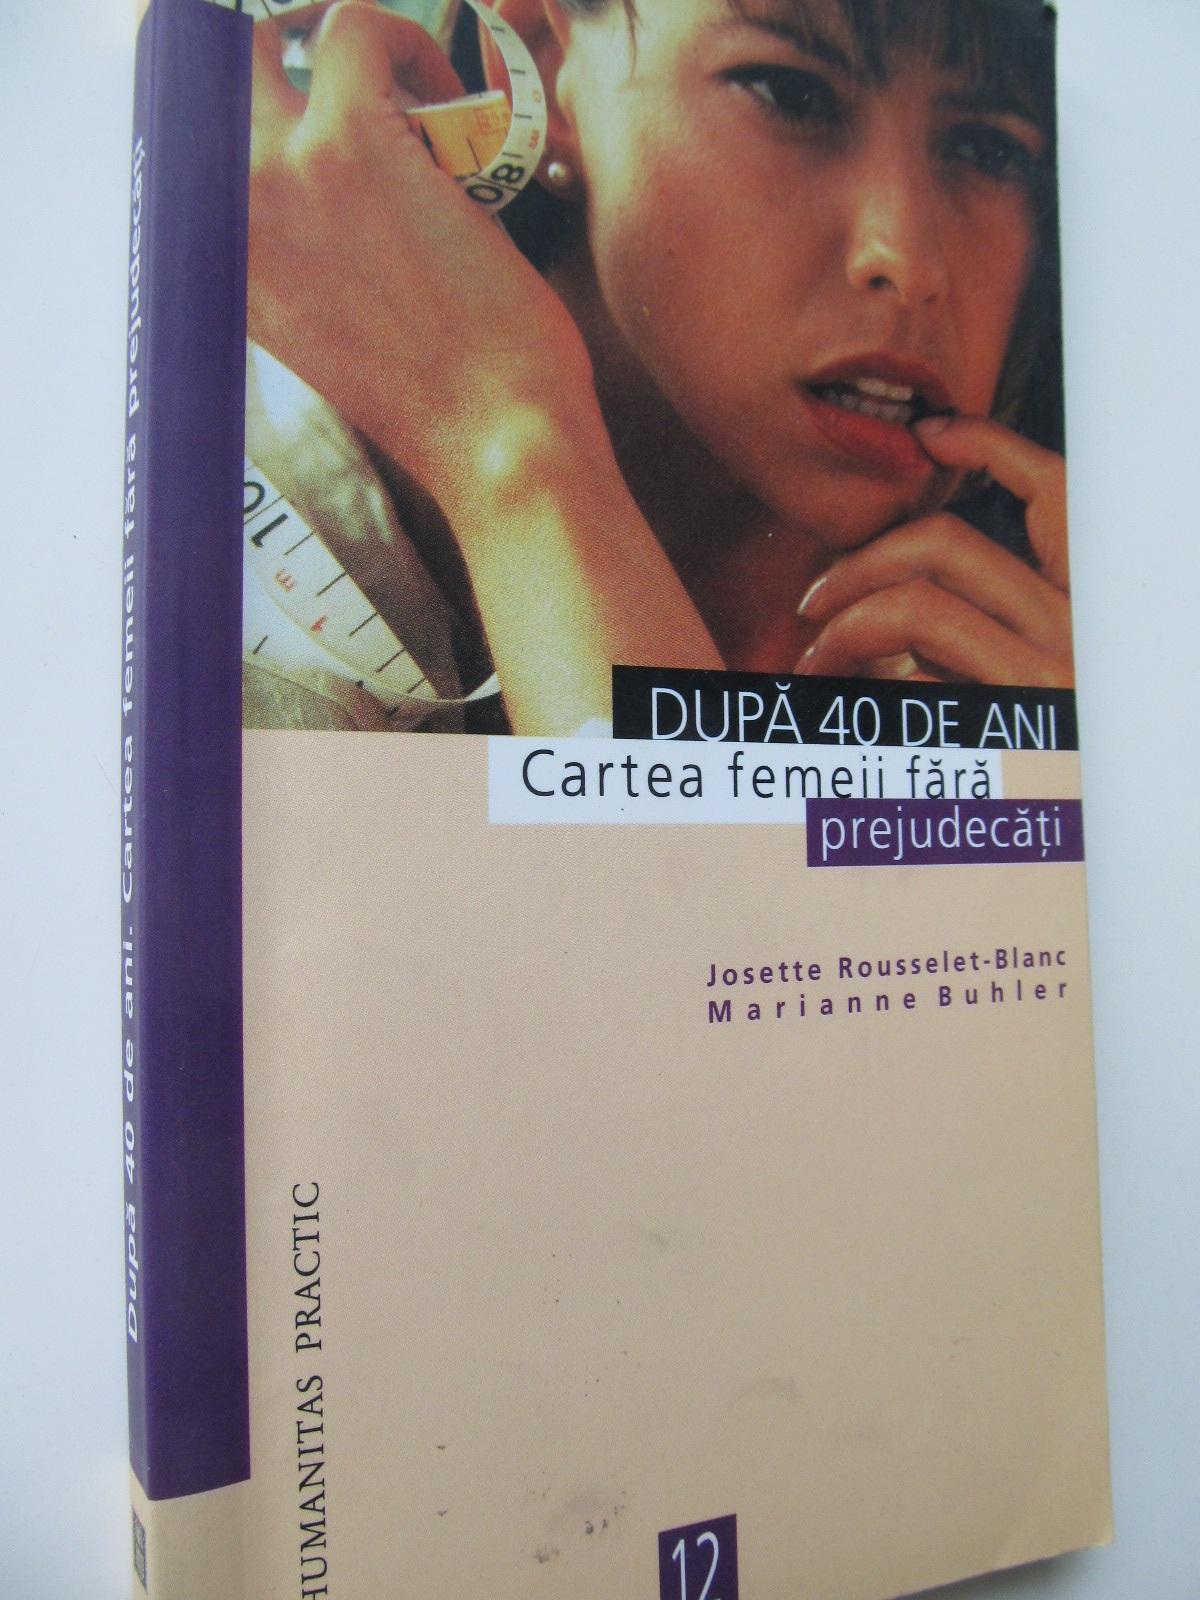 Dupa 40 de ani Cartea femeii fara prejudecati - Josette Rousselet Blanc | Detalii carte